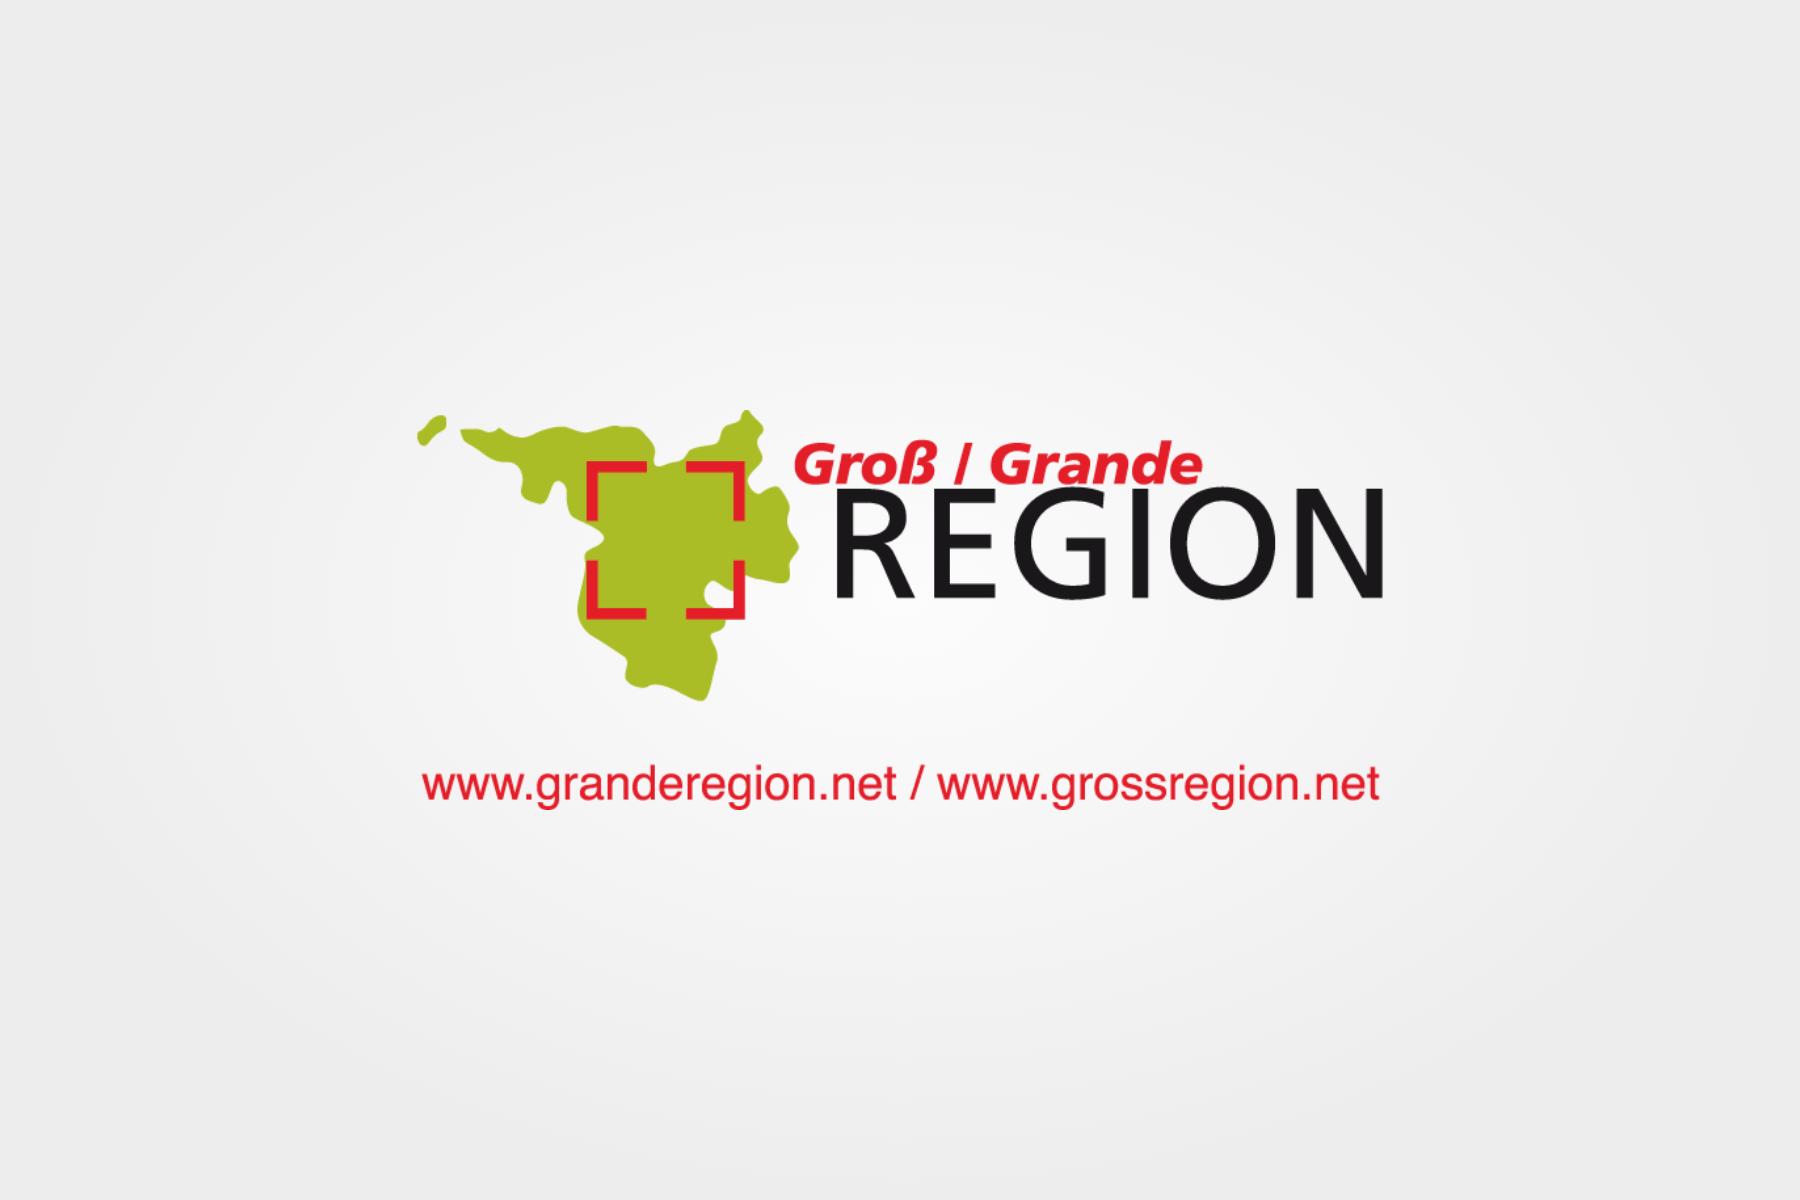 Großregion